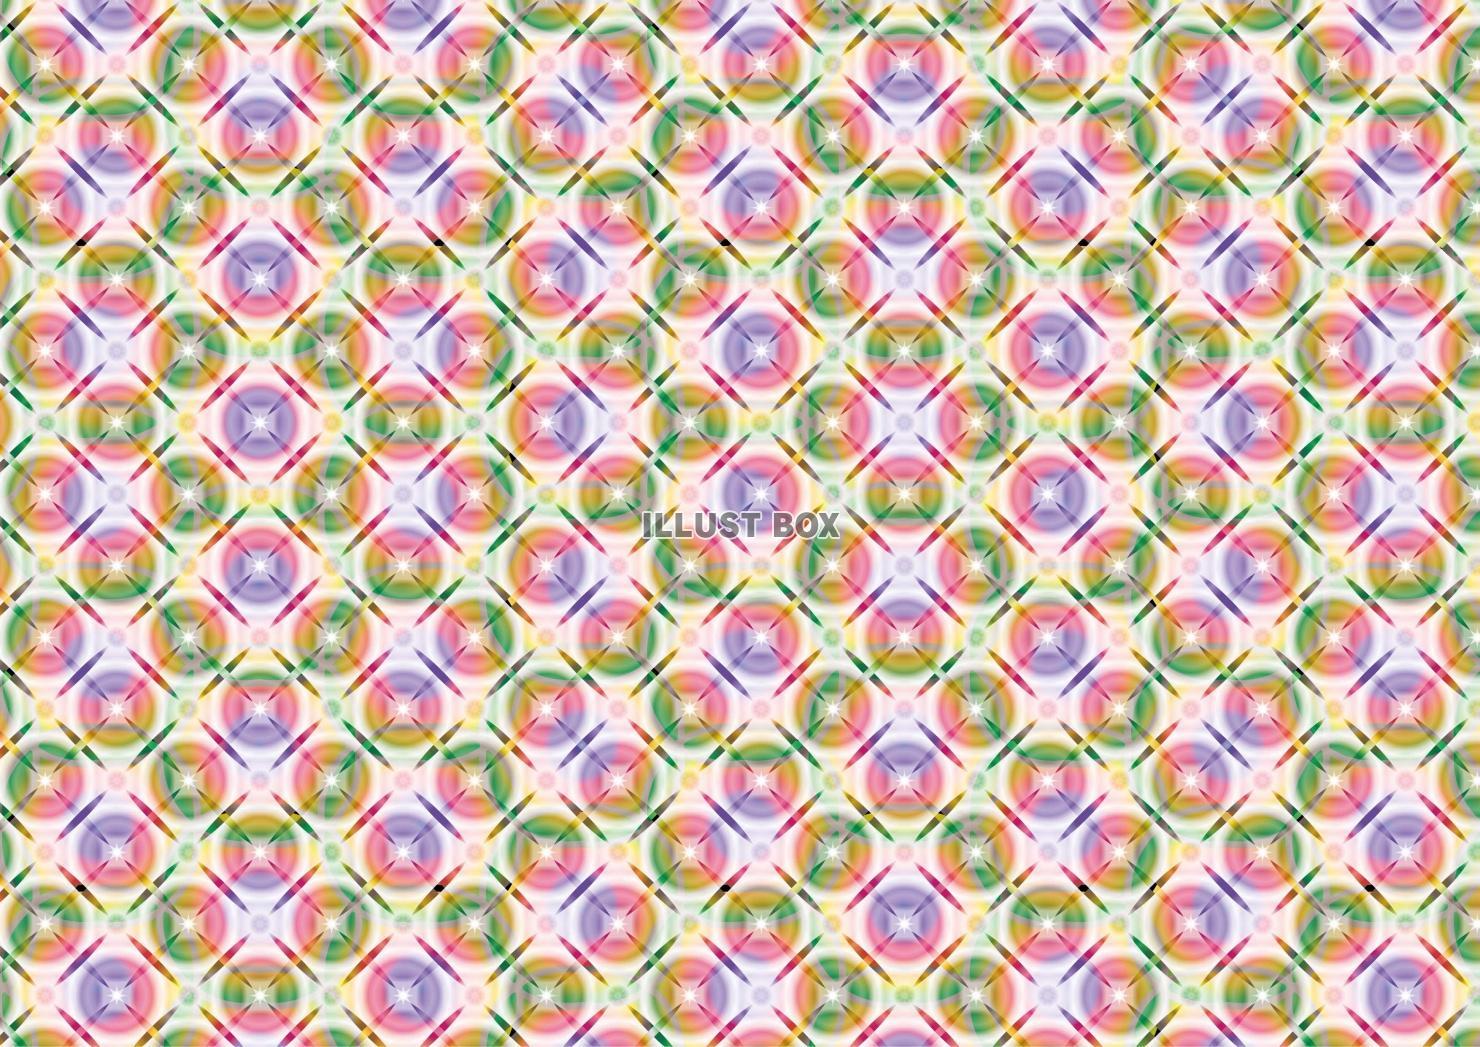 無料イラスト カラフルな円の幾何学模様 壁紙 背景